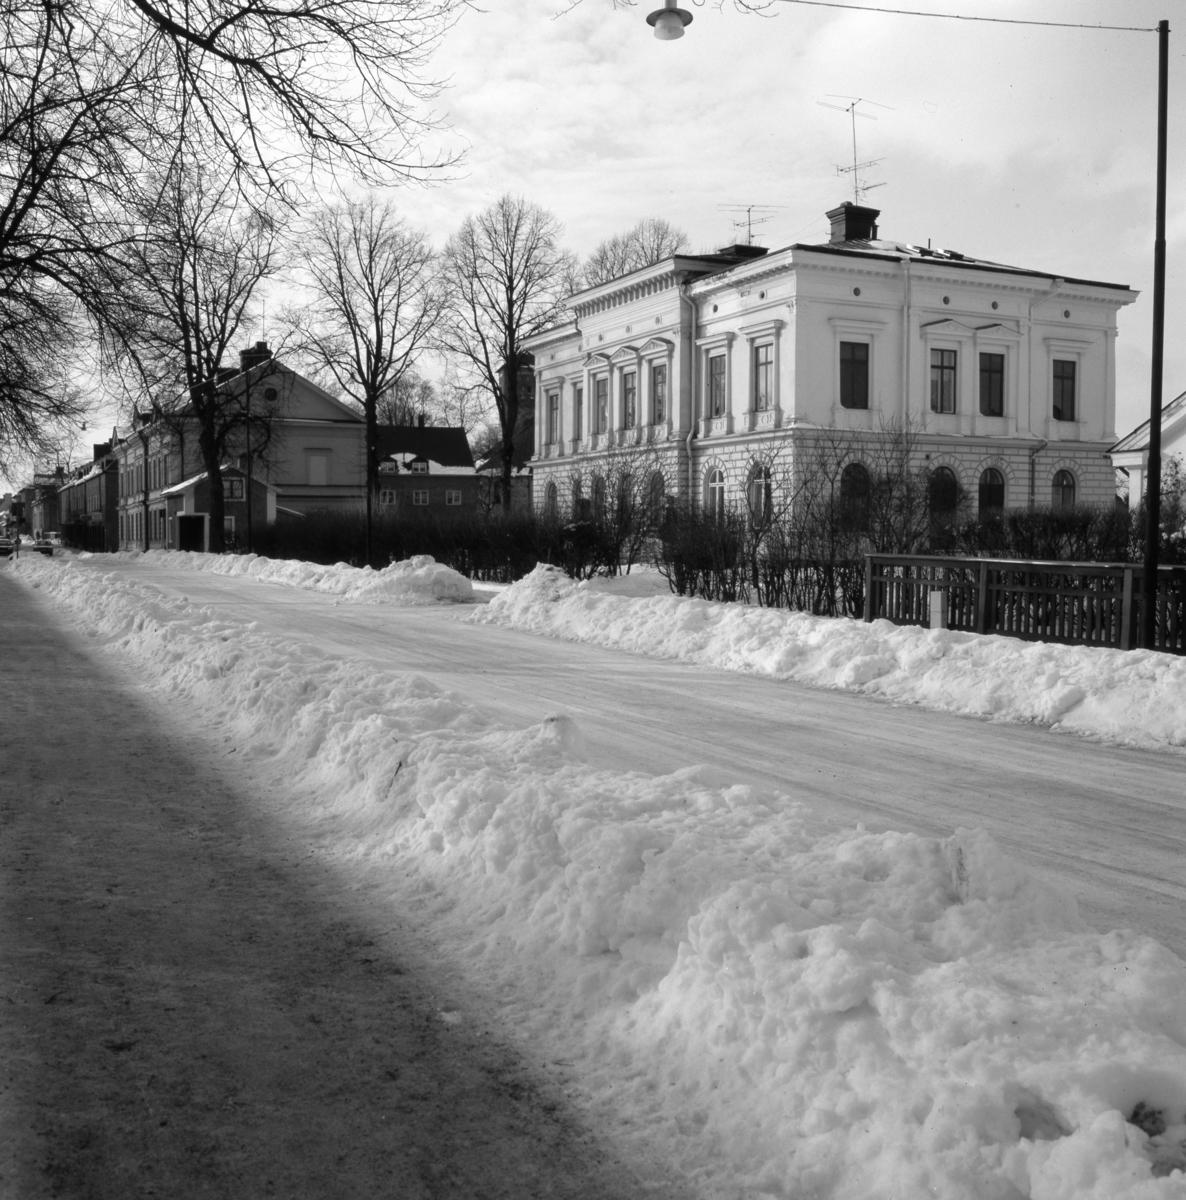 Östra Nygatan med Köpingstullen och Glasbruksvillan närmast i bild. Det är vinter och snö.